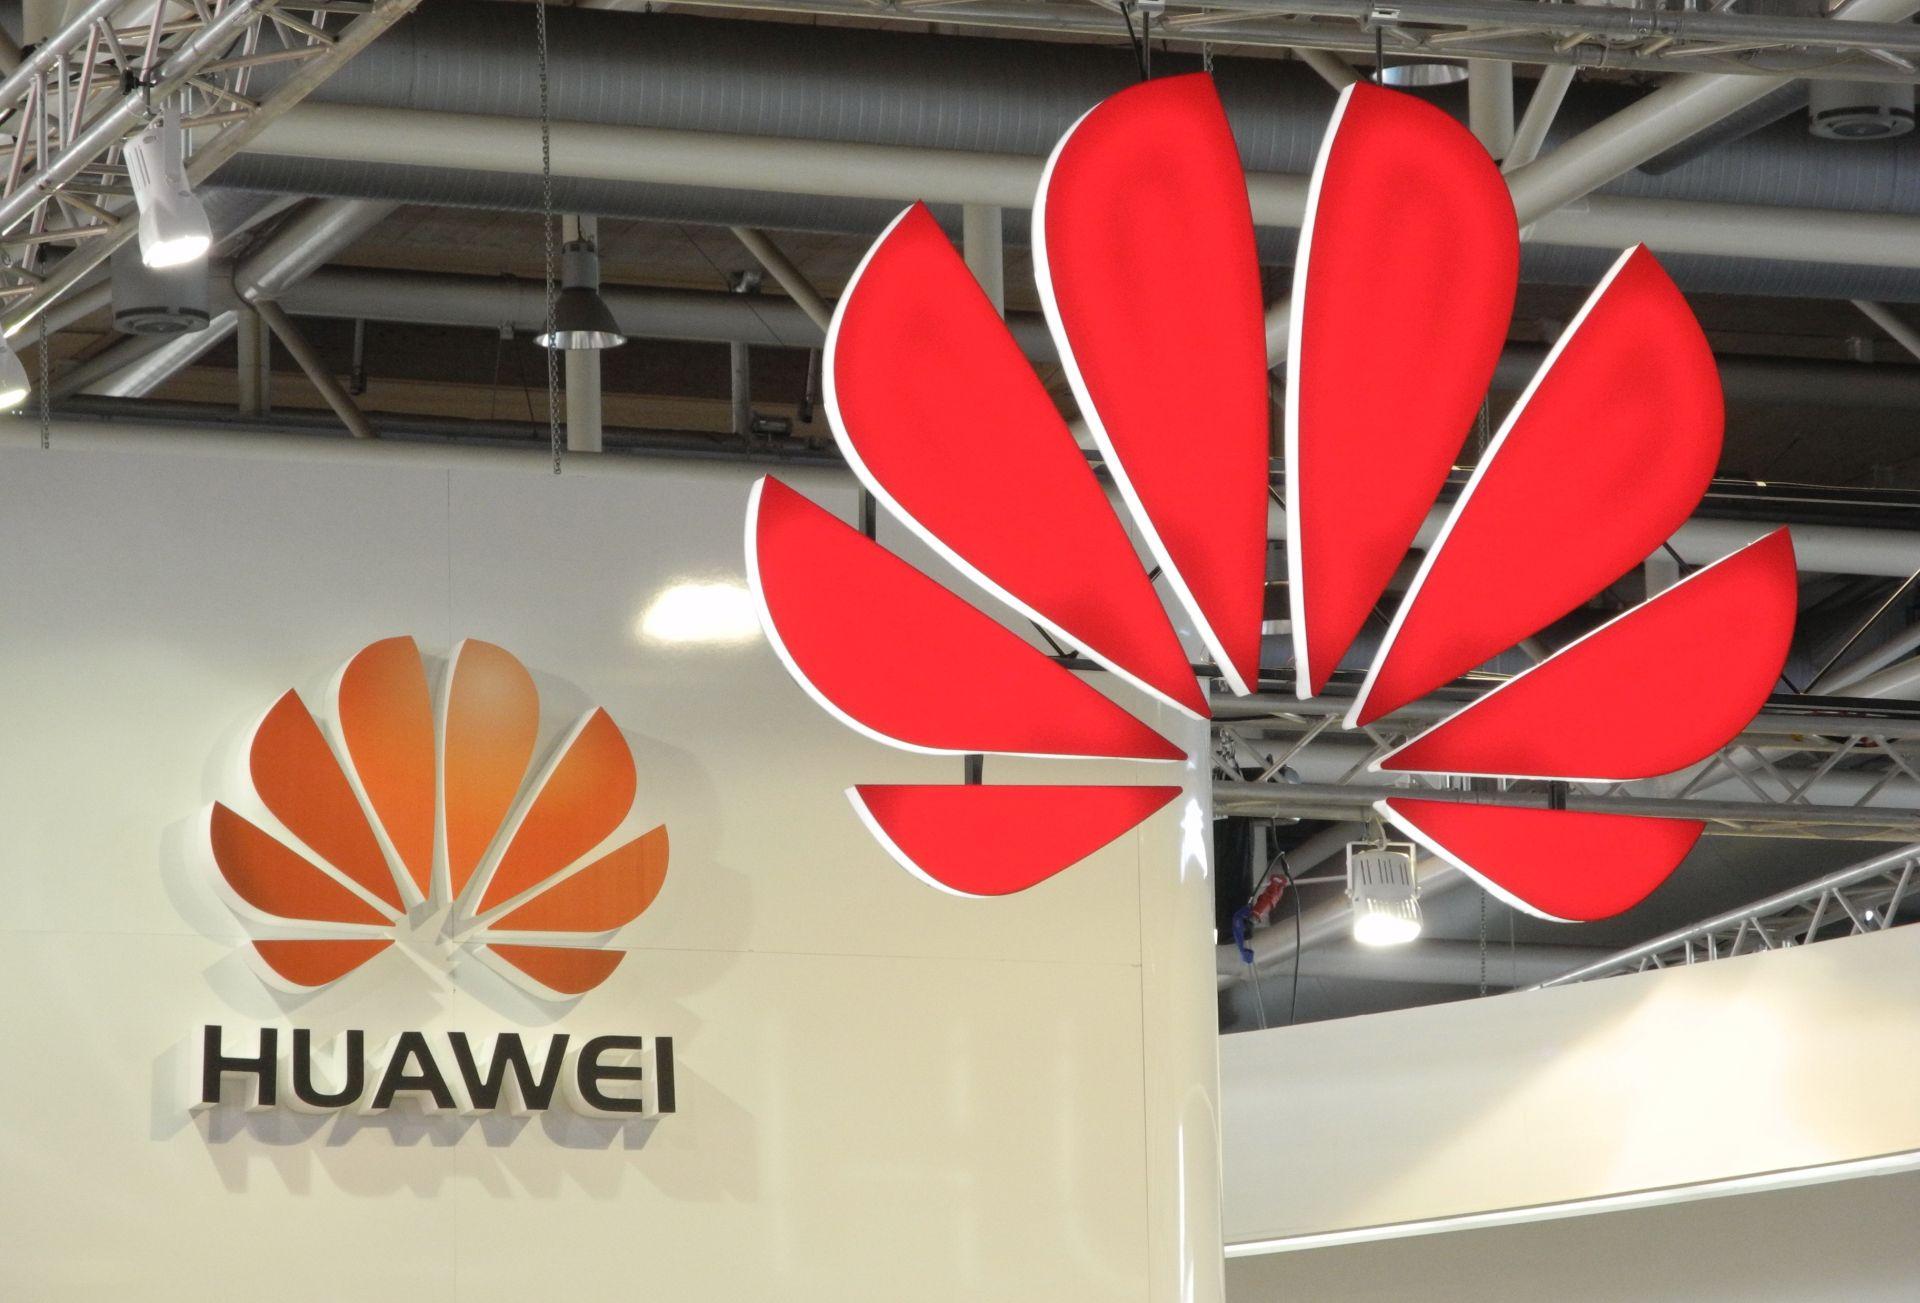 Huaweijevo poslovanje s mrežama 5G normalno unatoč američkim sankcijama